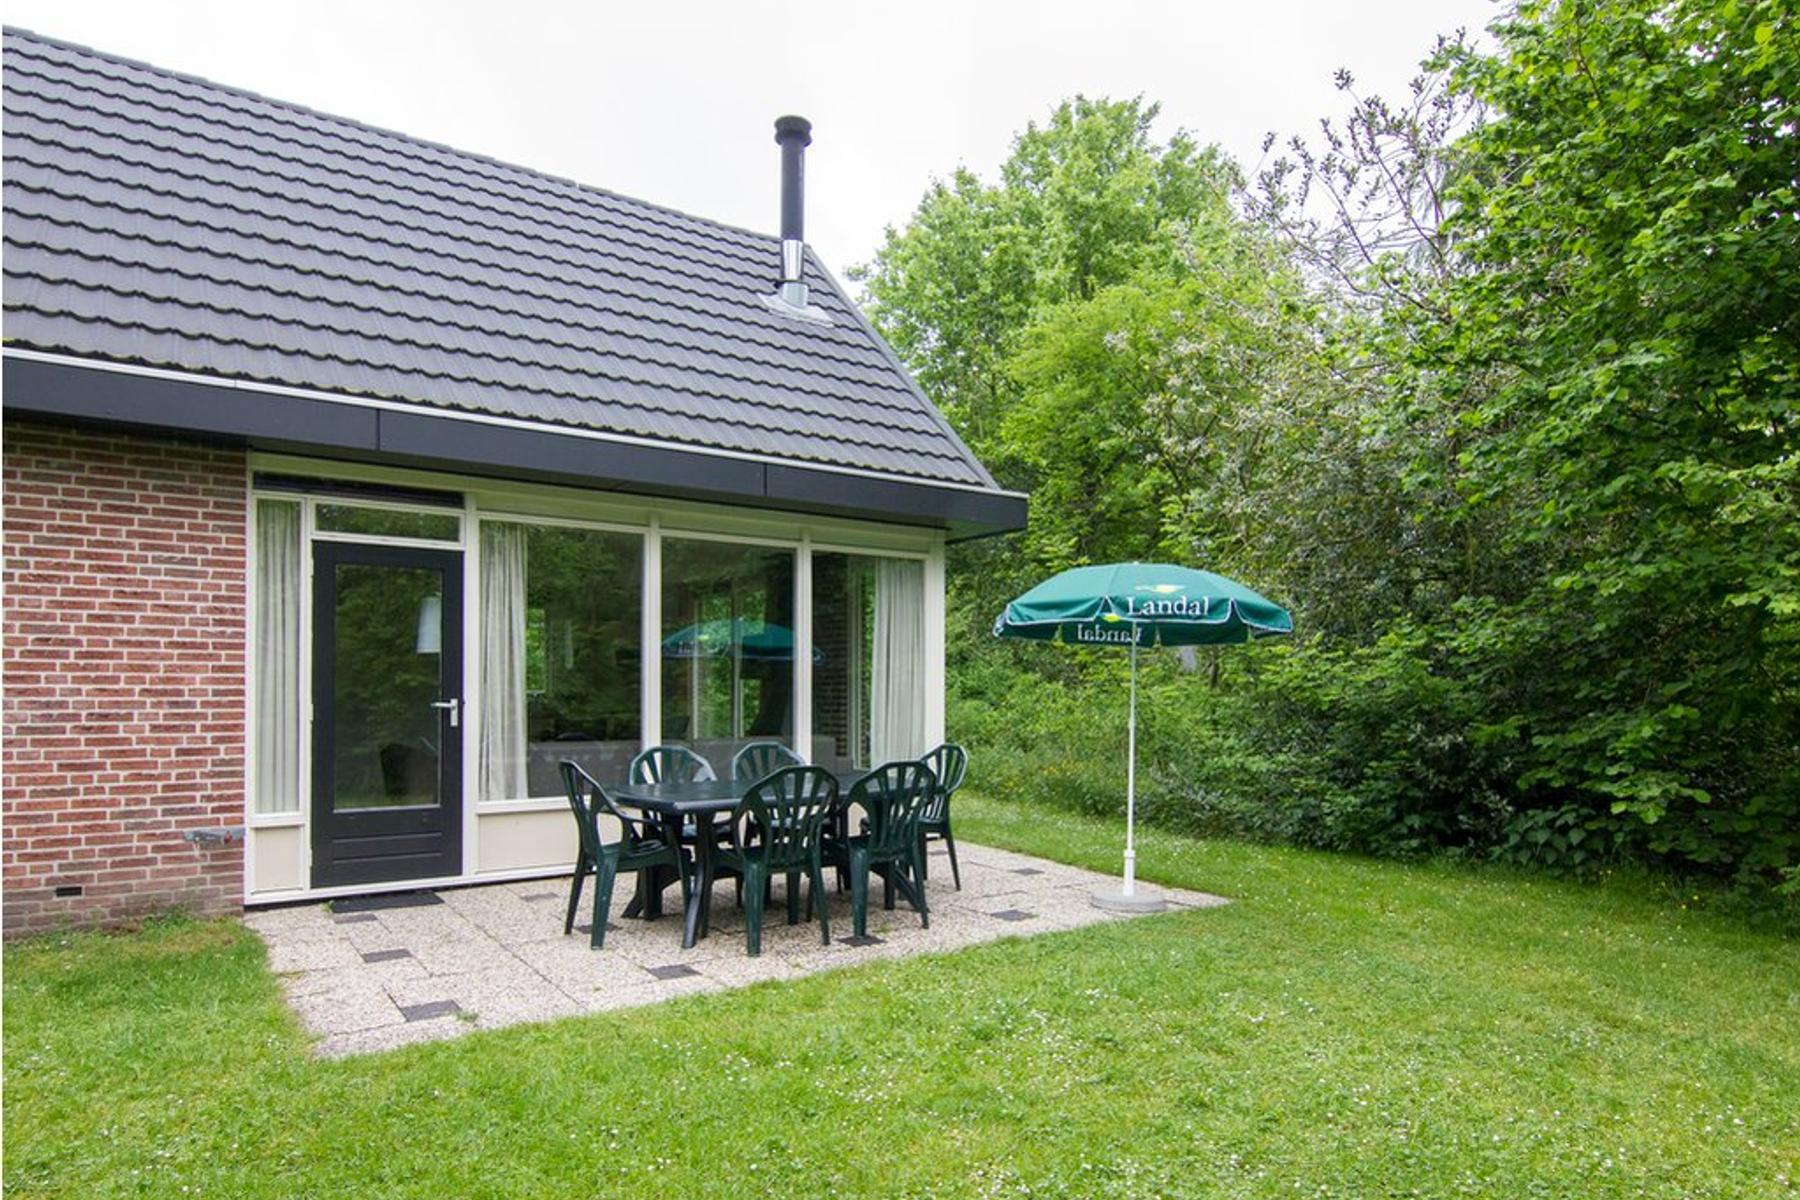 Aelderholt 1 55 in Aalden 7854 TZ